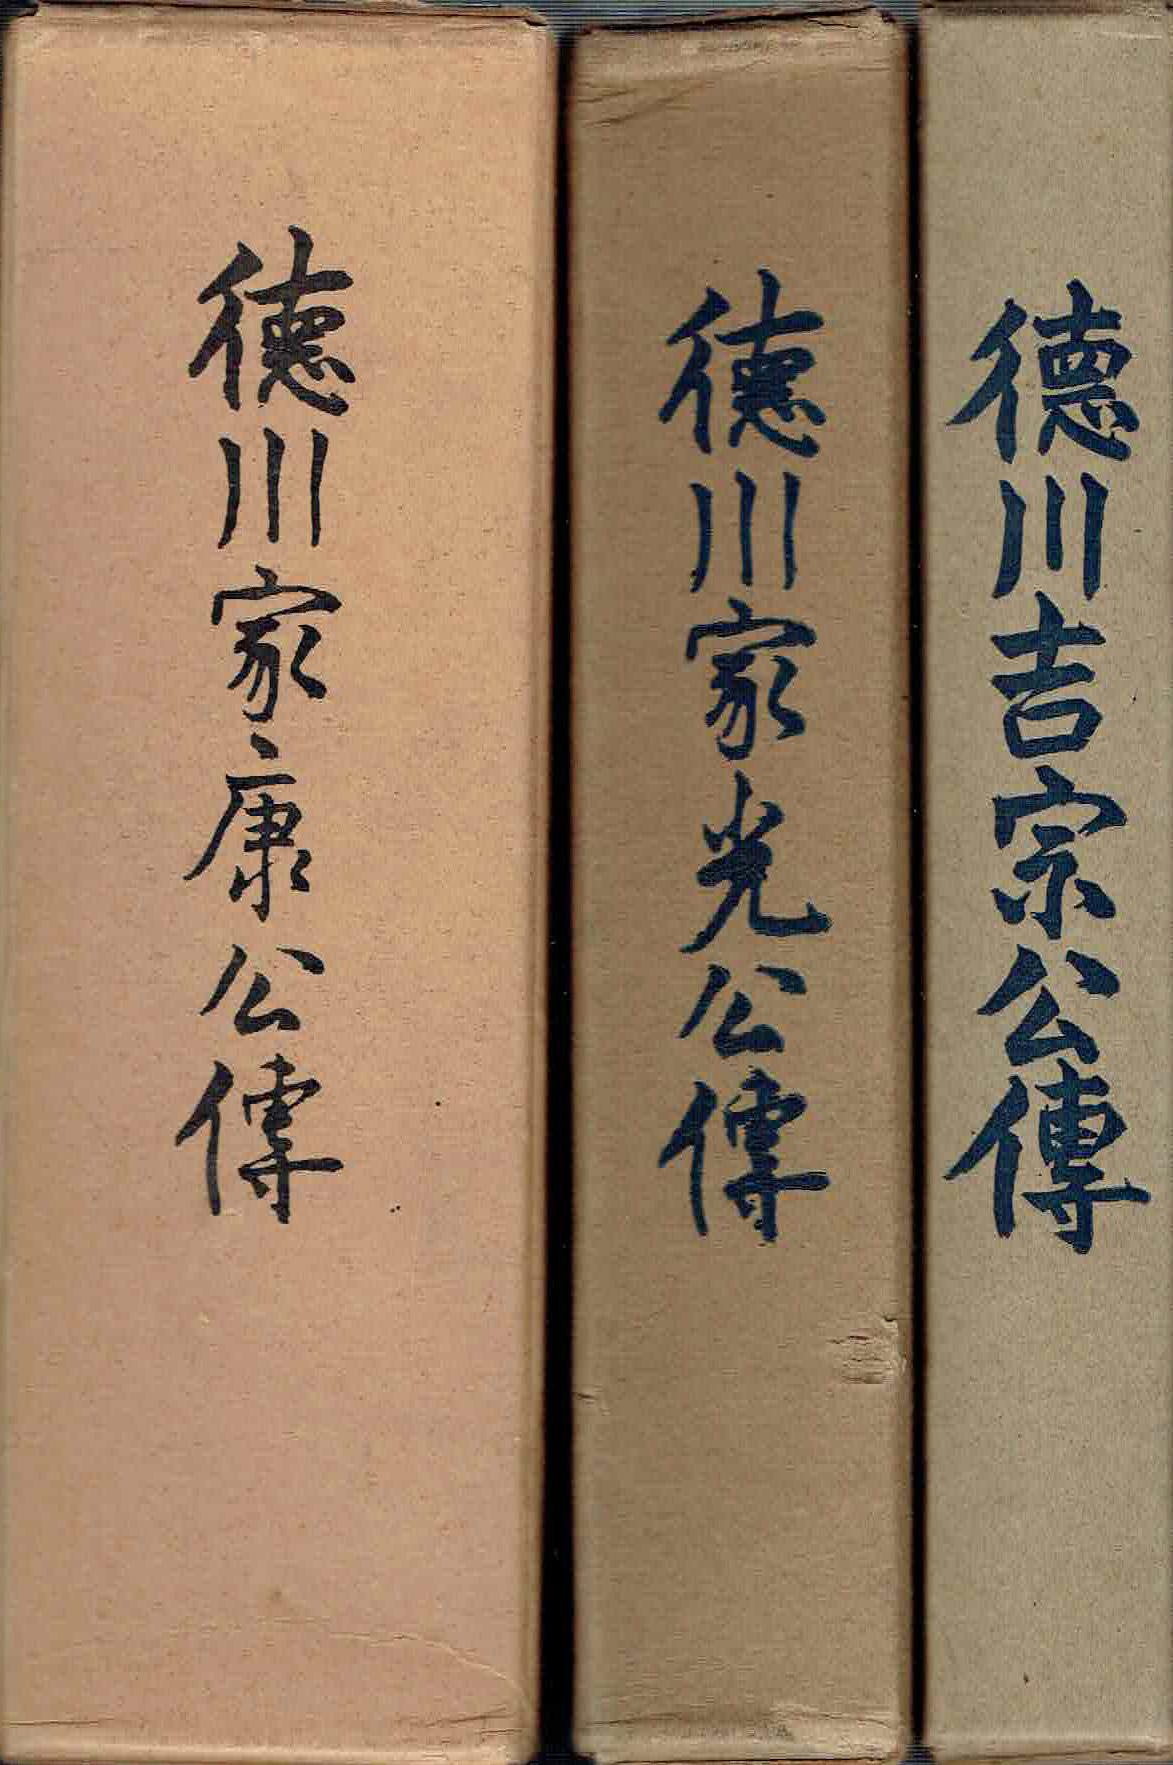 仏教の古書買取なら黒崎書店